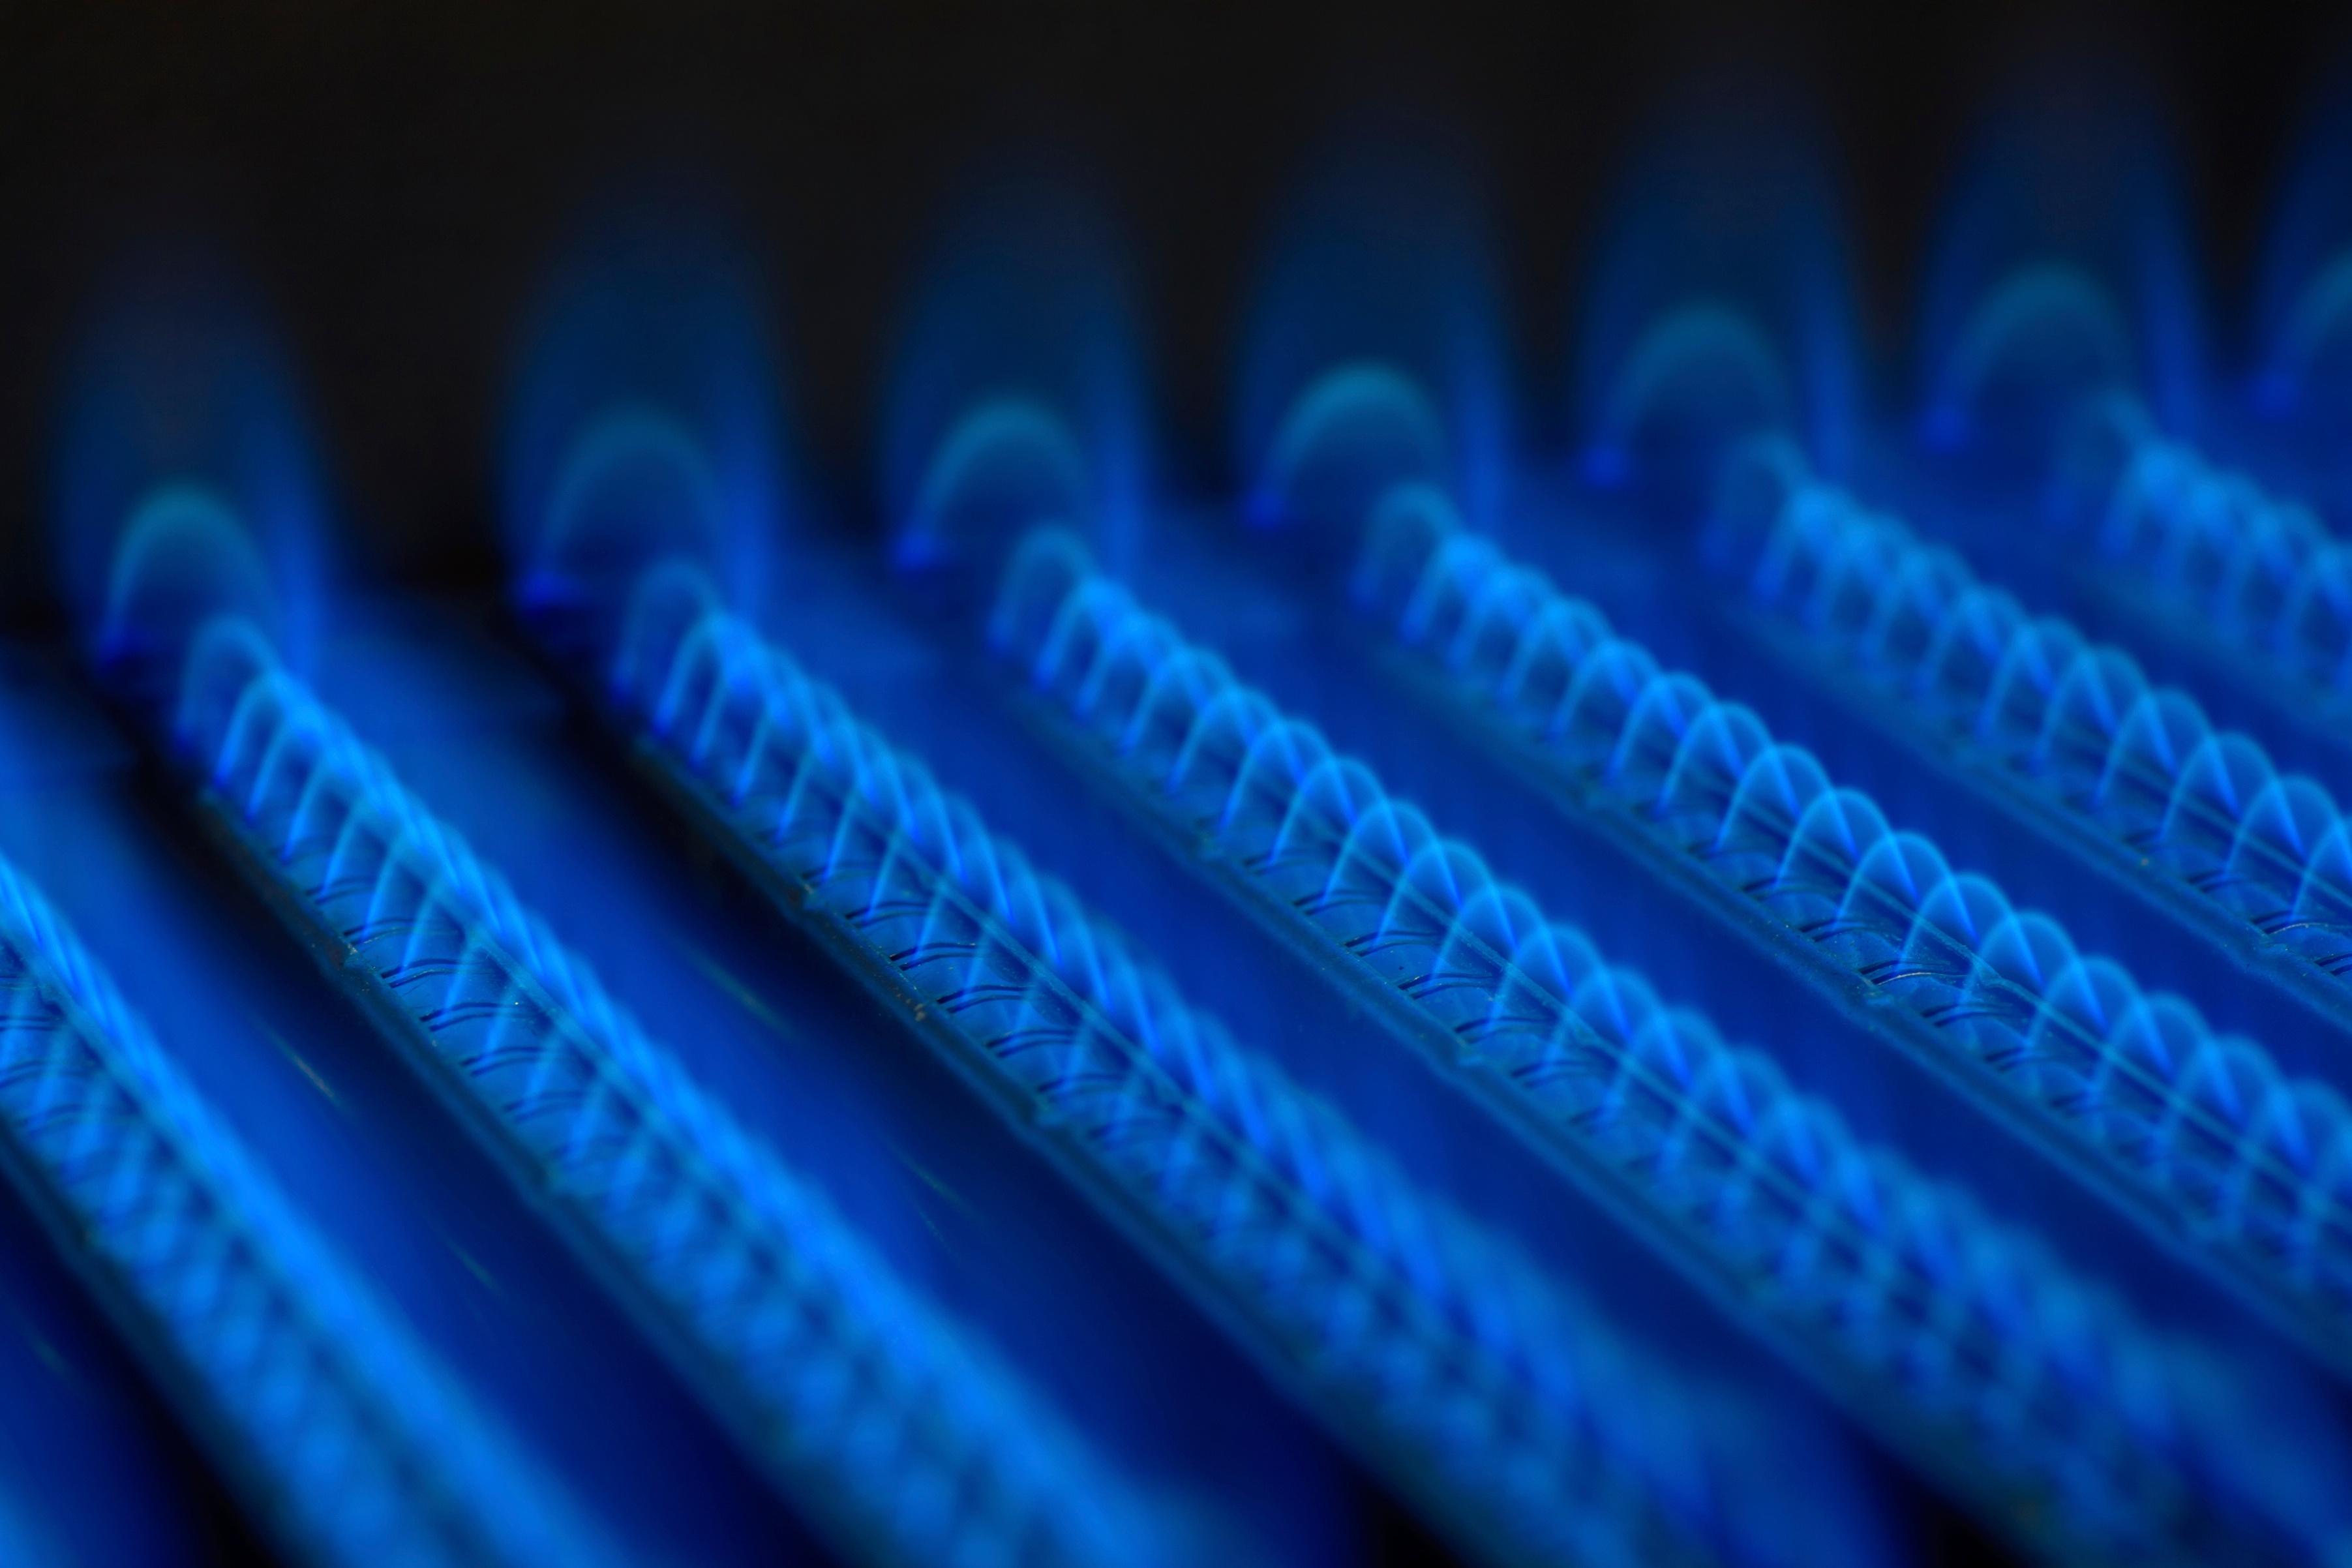 Eulogy on Polish shale gas